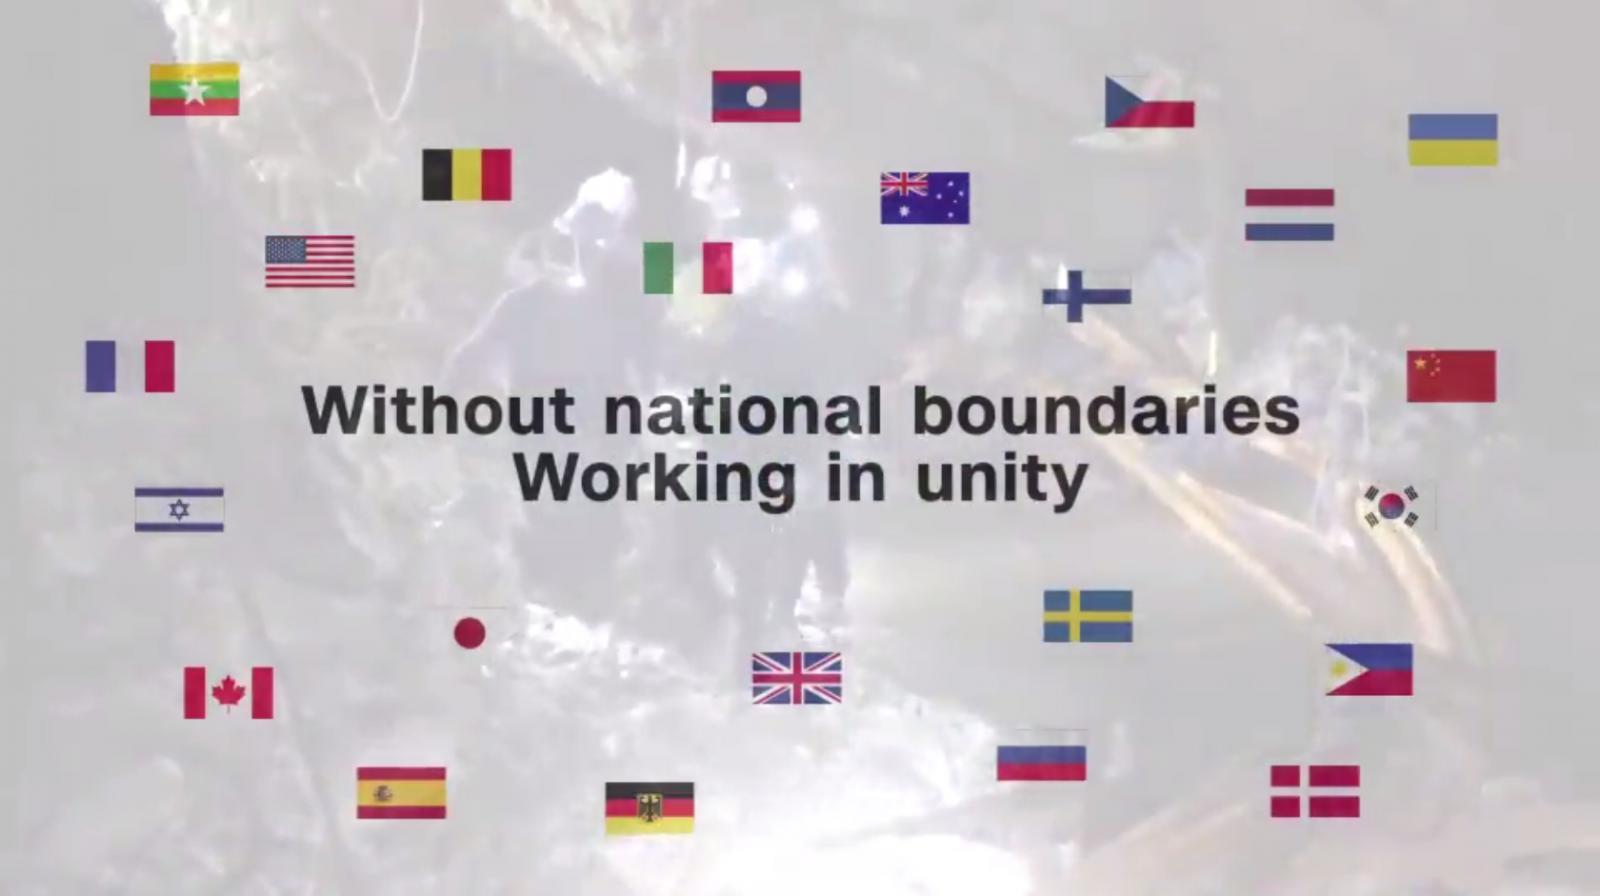 """ททท.จัดทำคลิปวิดีโอ """"แทนคำขอบคุณ"""" ประชาคมโลกช่วยเหลือ 13 ชีวิตติดถ้ำหลวง"""